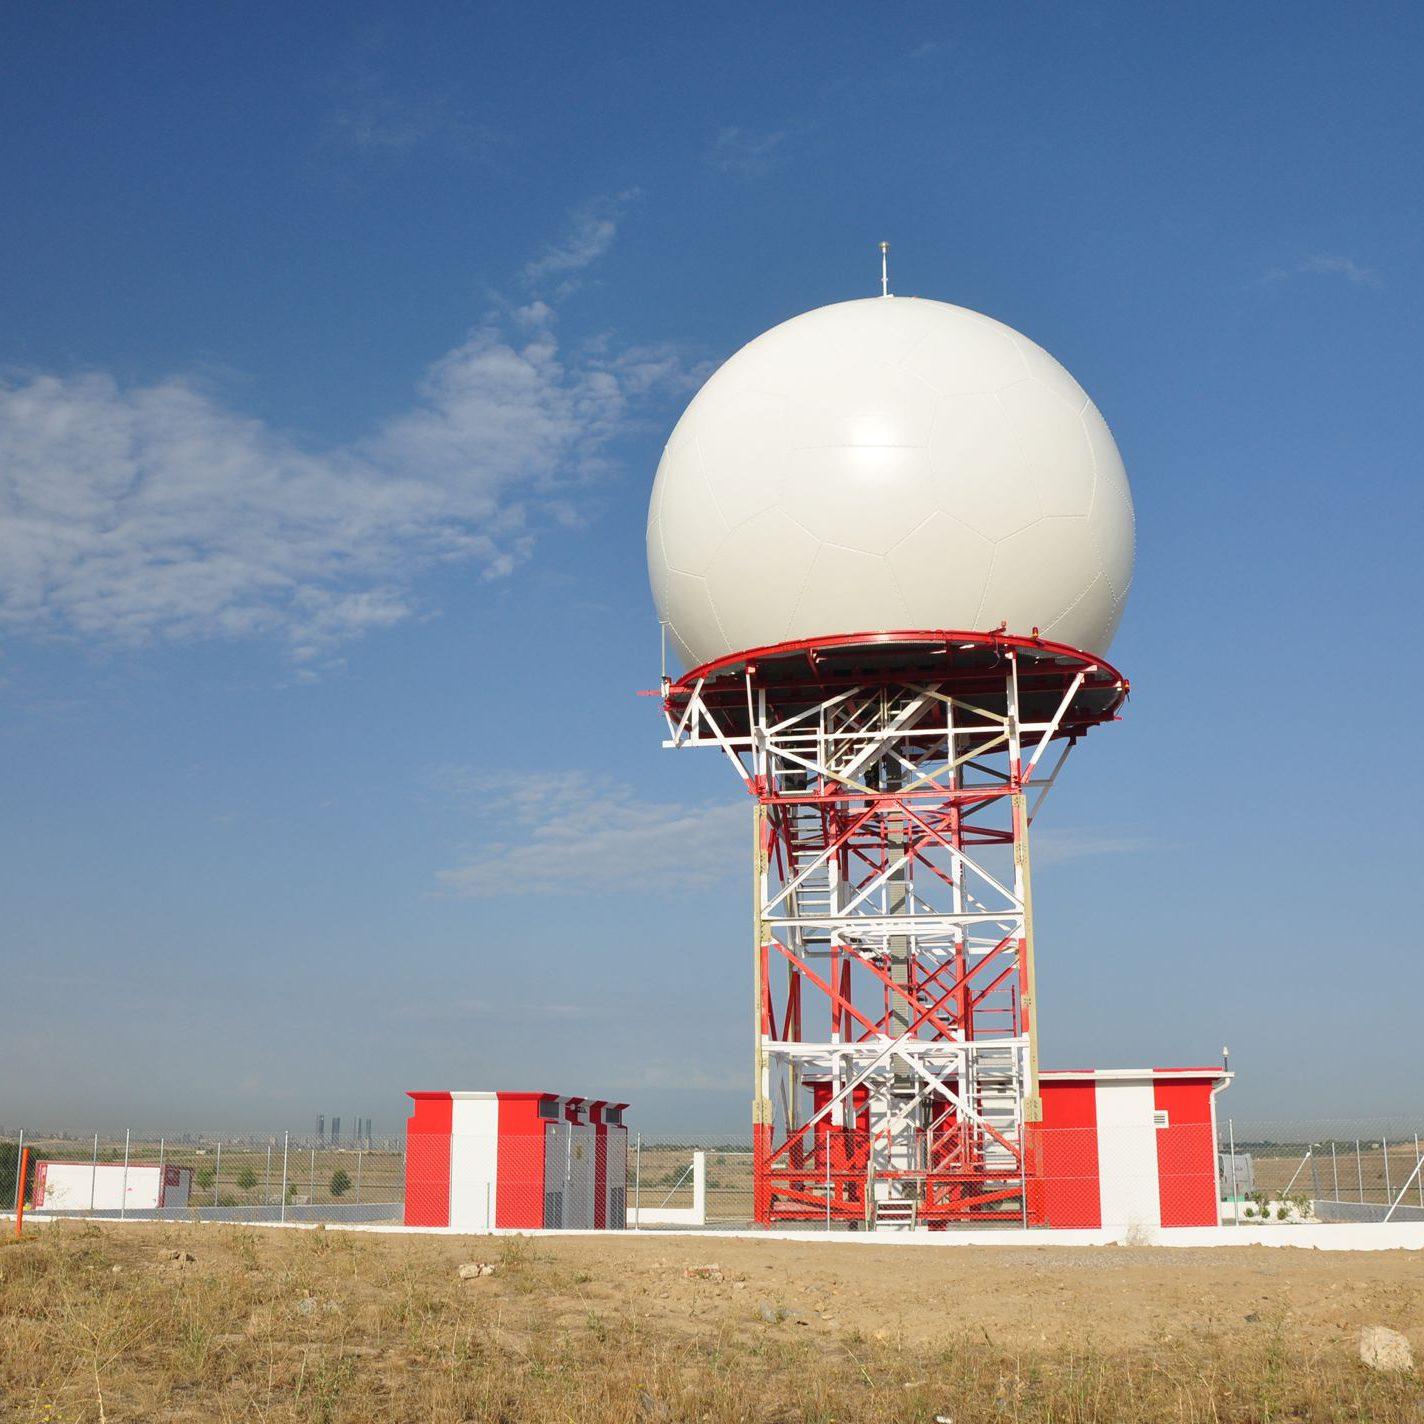 Torre Radar Aeropuerto de Alicante